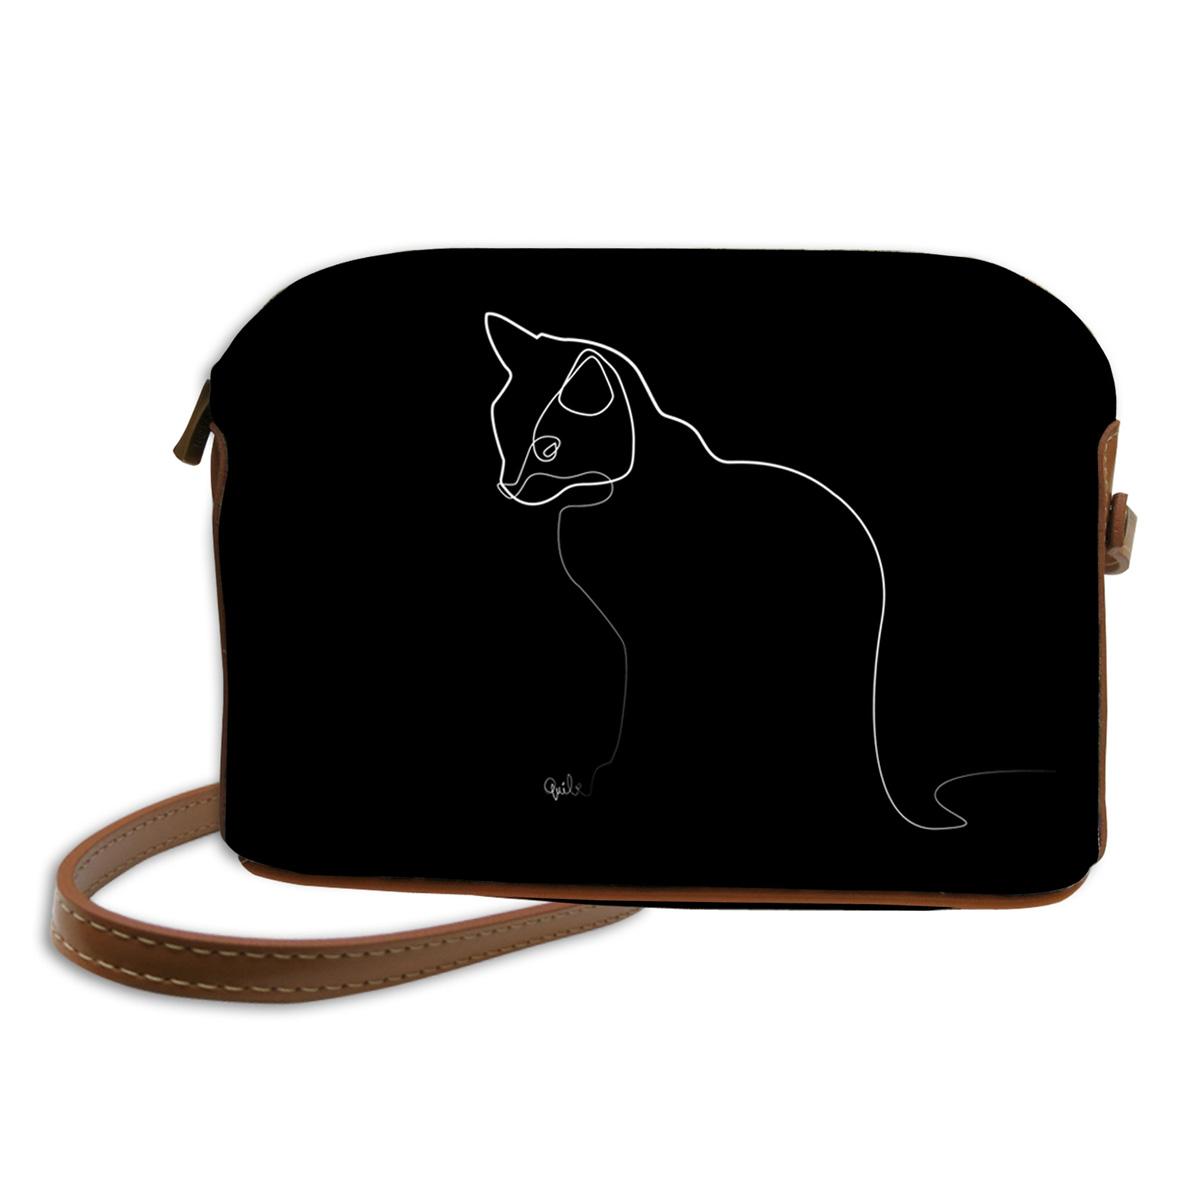 Sac bandoulière artisanal \'Quibe\' noir marron (Chat)  - 23x17x6 cm - [A0331]